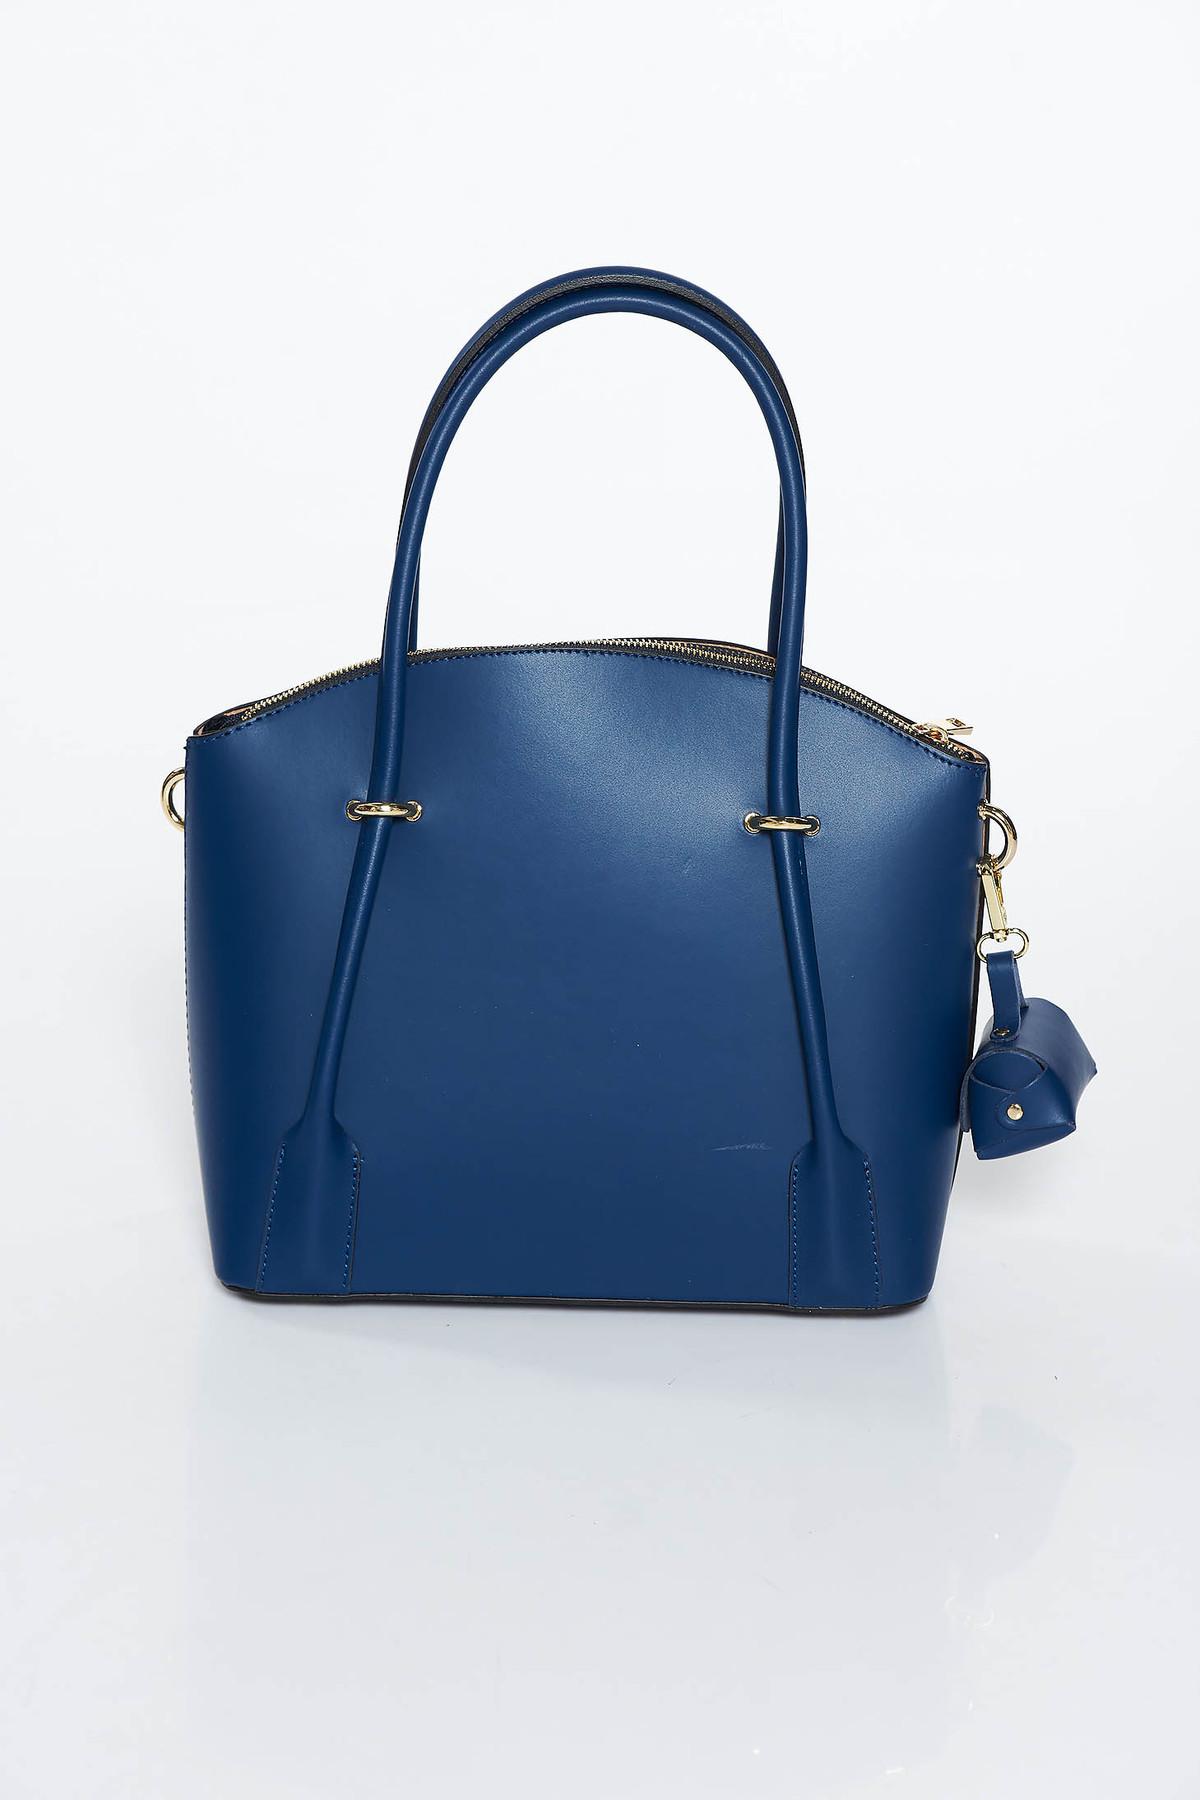 Geanta dama albastra-inchis office din piele naturala cu doua compartimente si buzunare interioare